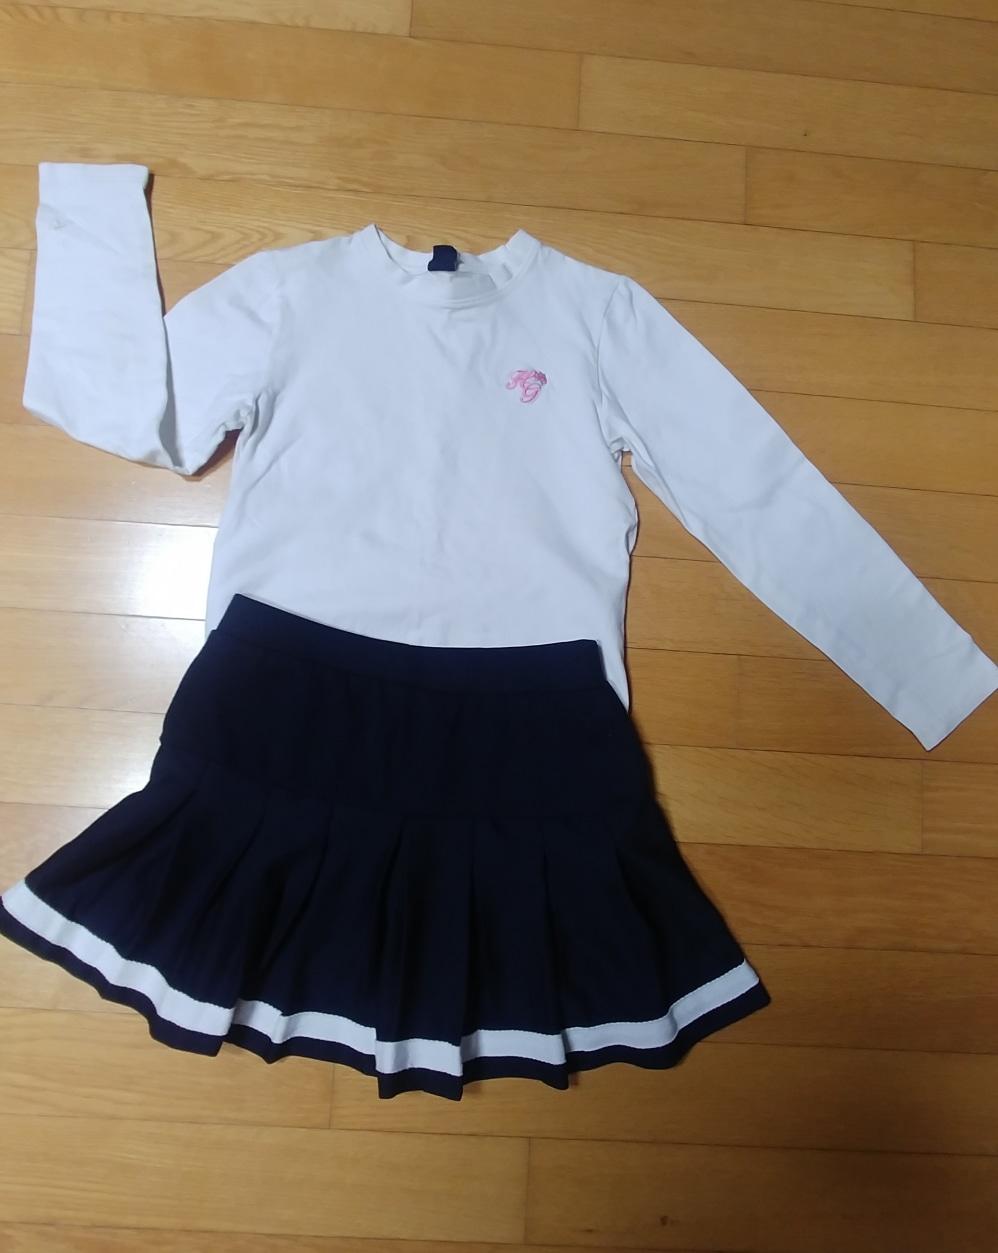 헌트 화이트 티셔츠140/주름 스커트150(11~12세)